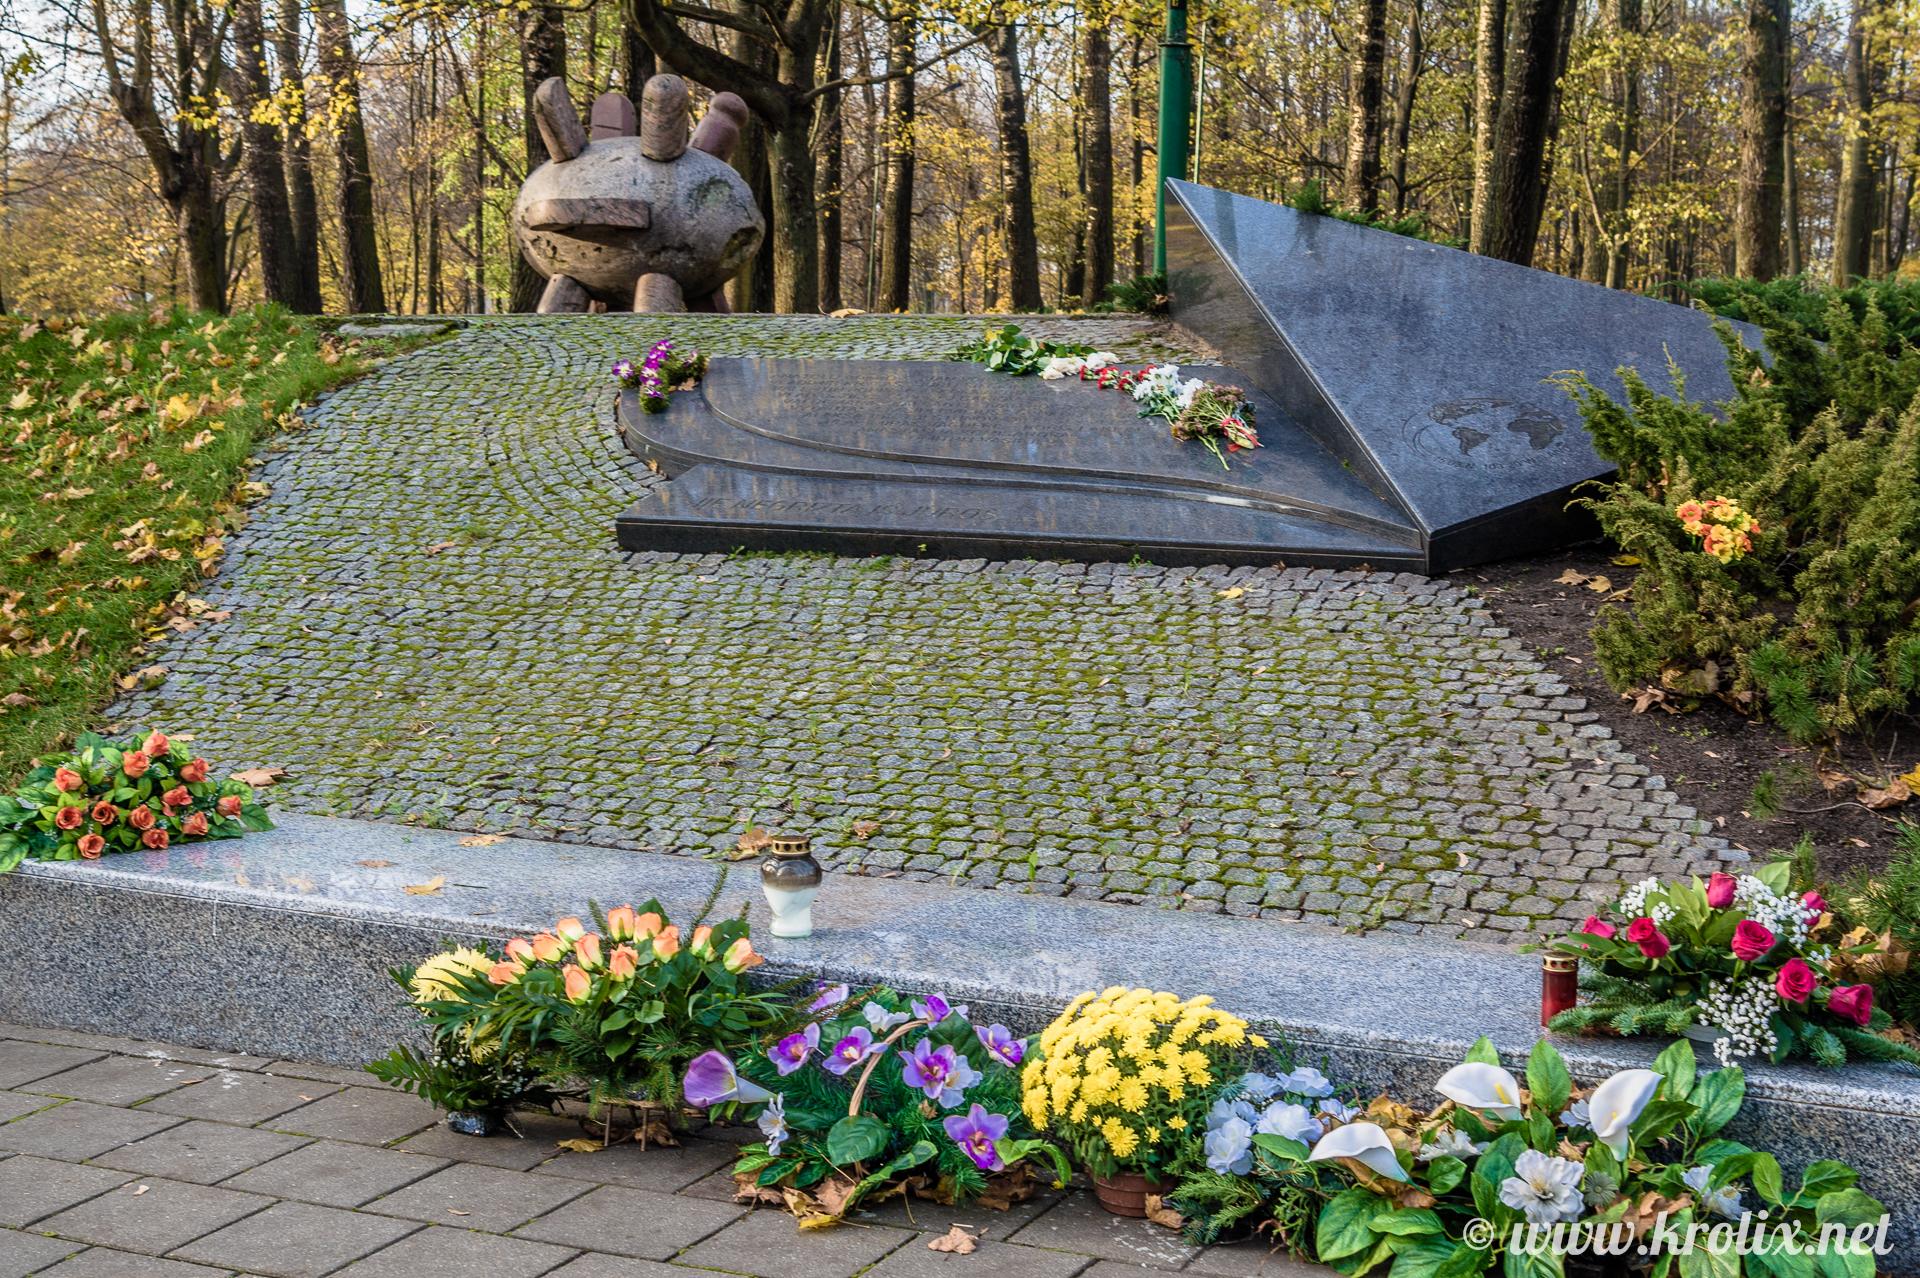 7. Странная мина-ёжик рядом с мемориалом.